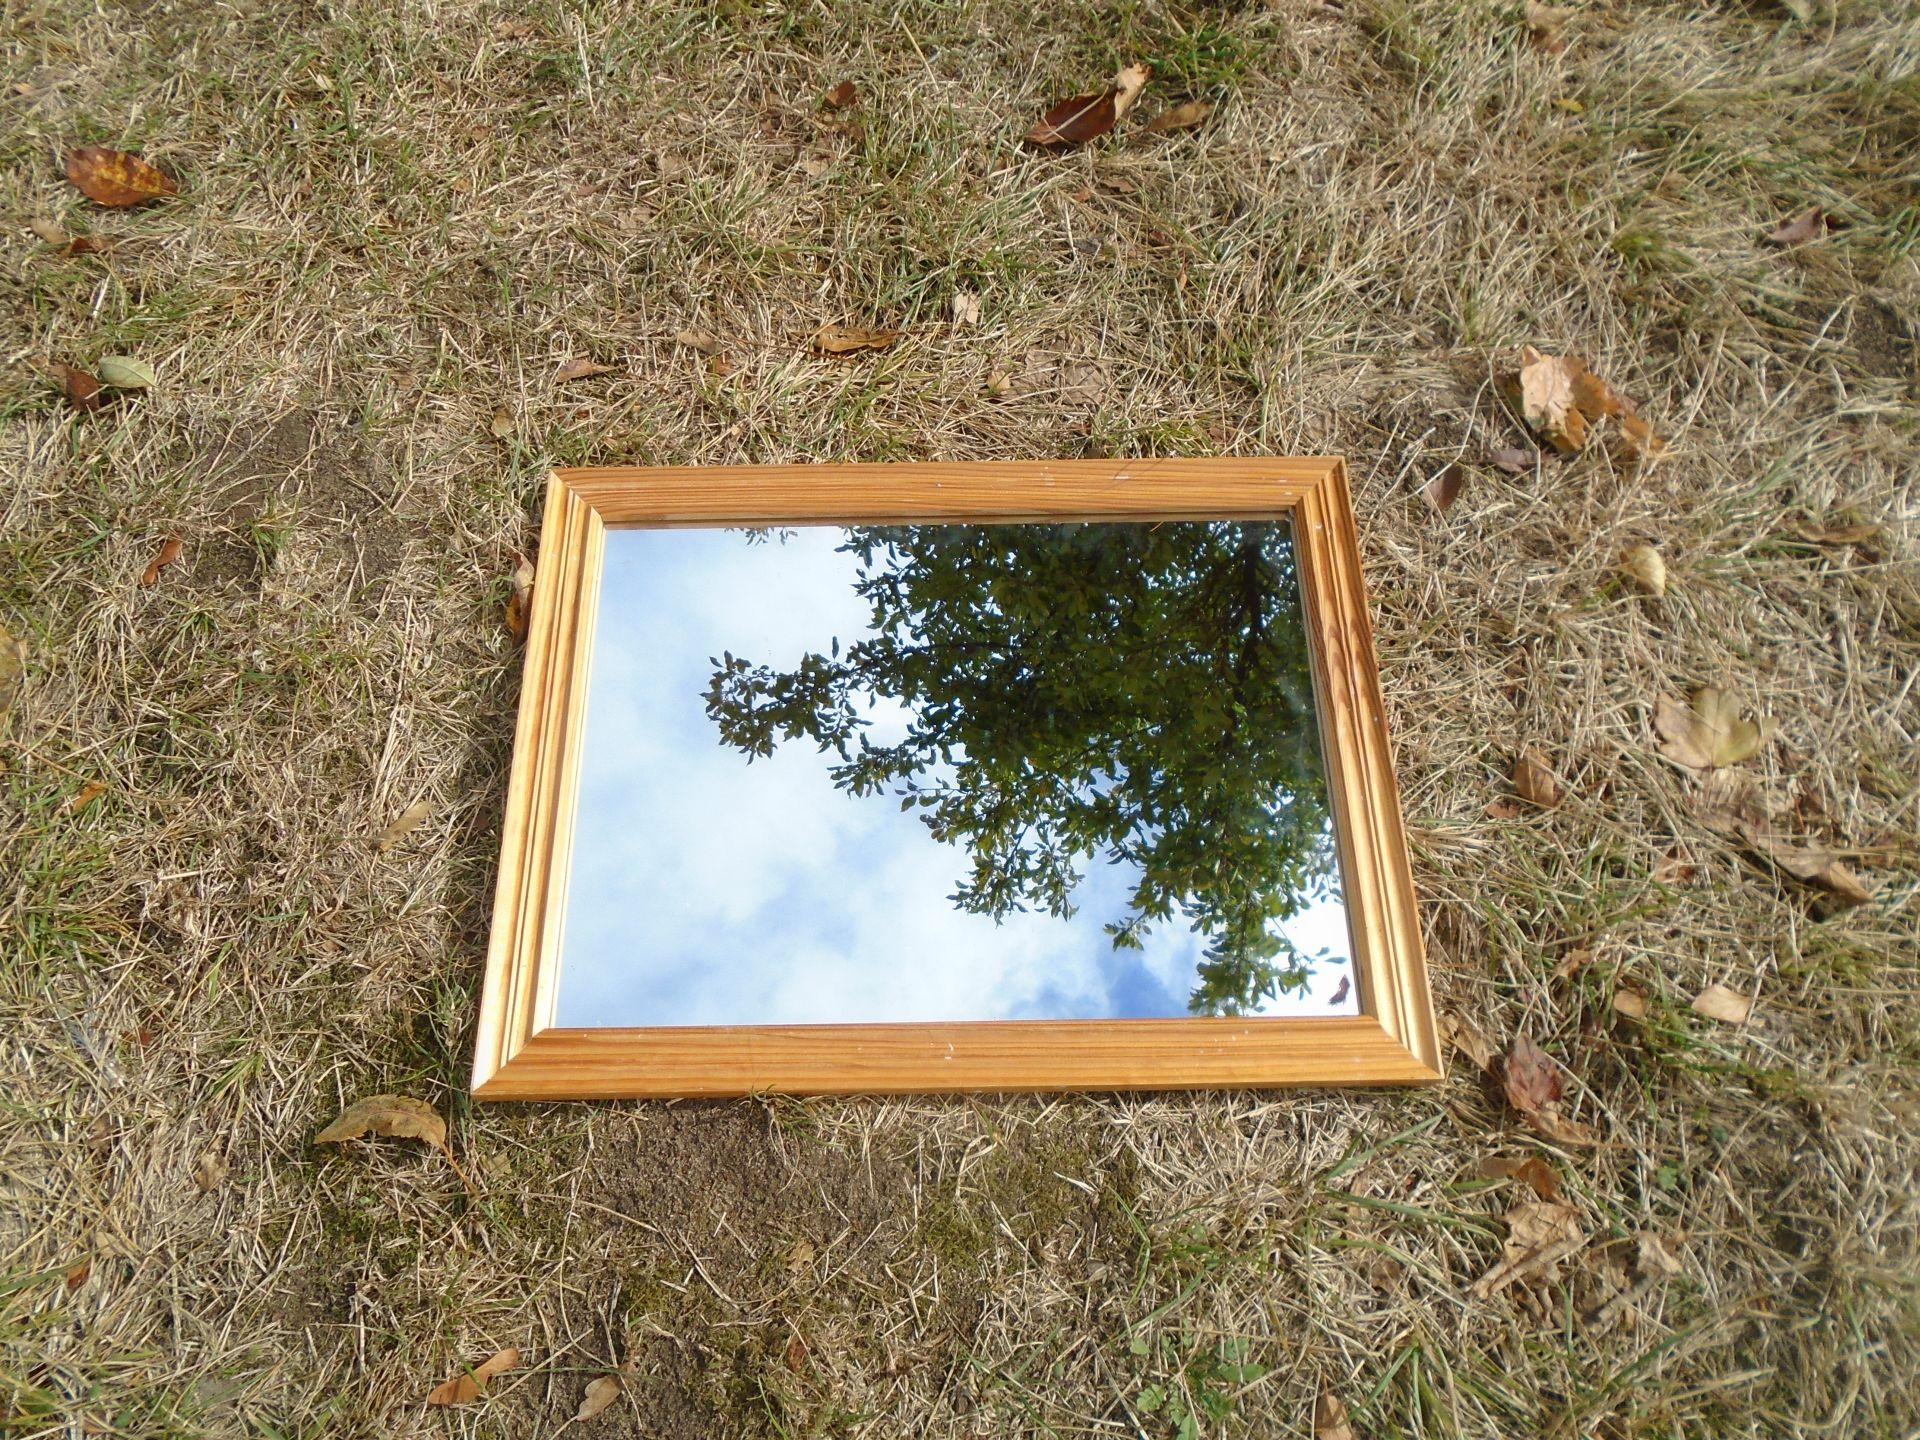 Ein Spiegel liegt auf Rasen und spiegelt den Himmel